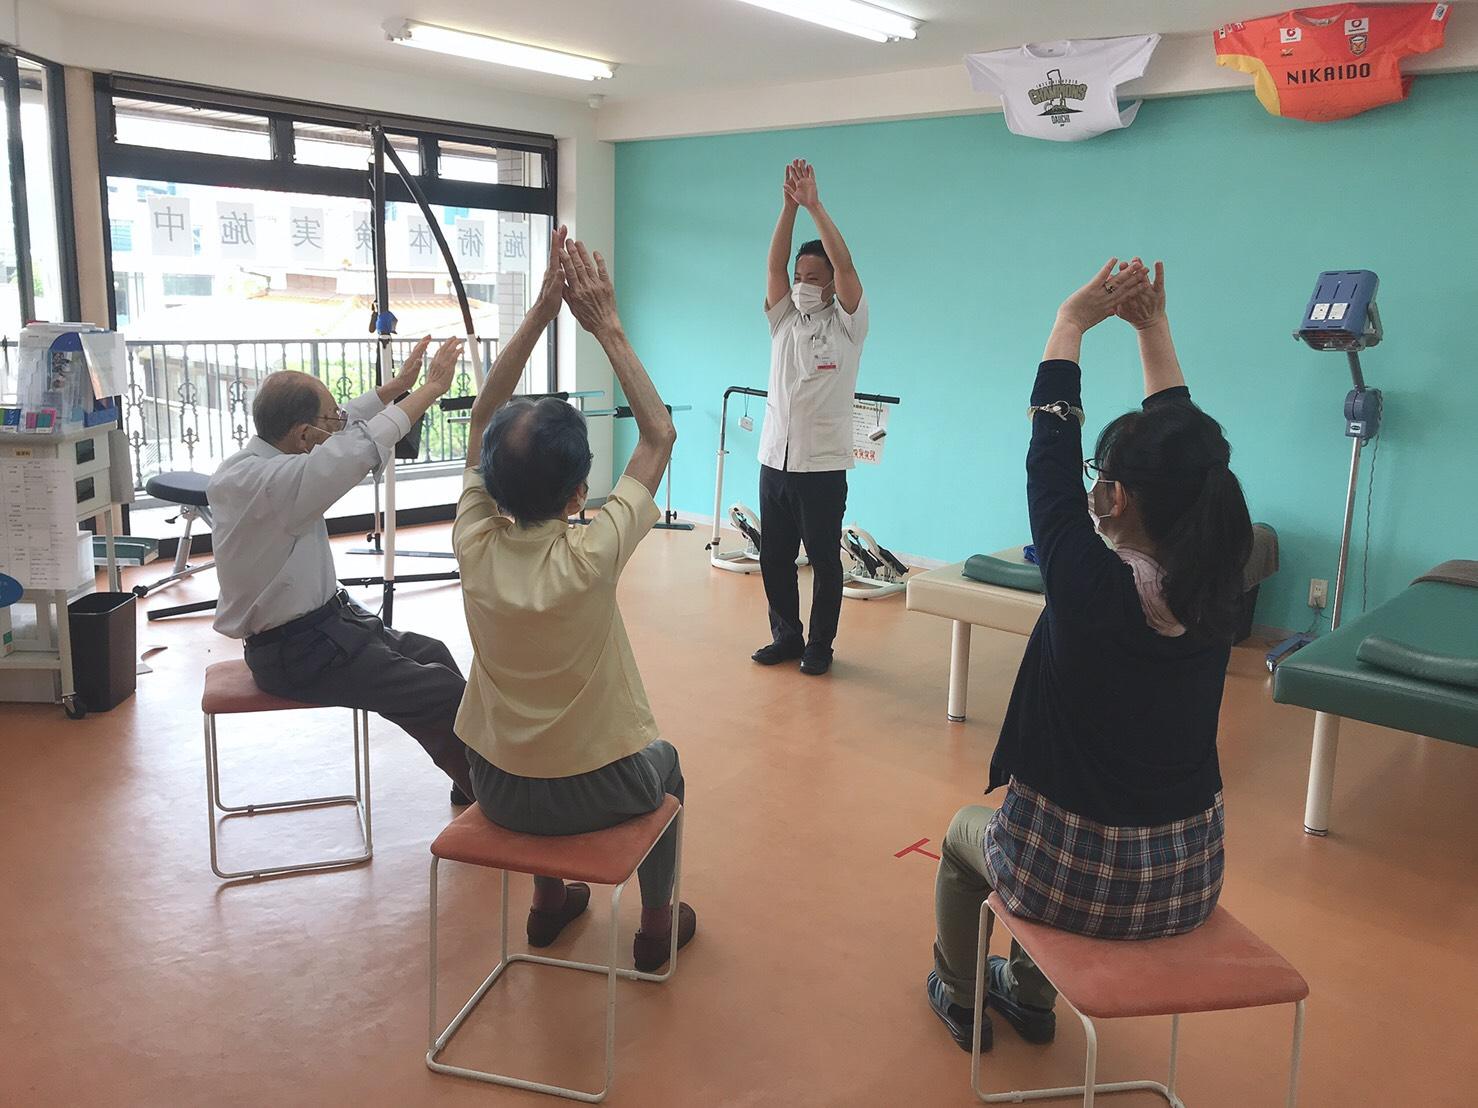 【地域貢献】堺整骨院 志免院で体操教室が開催されました!!